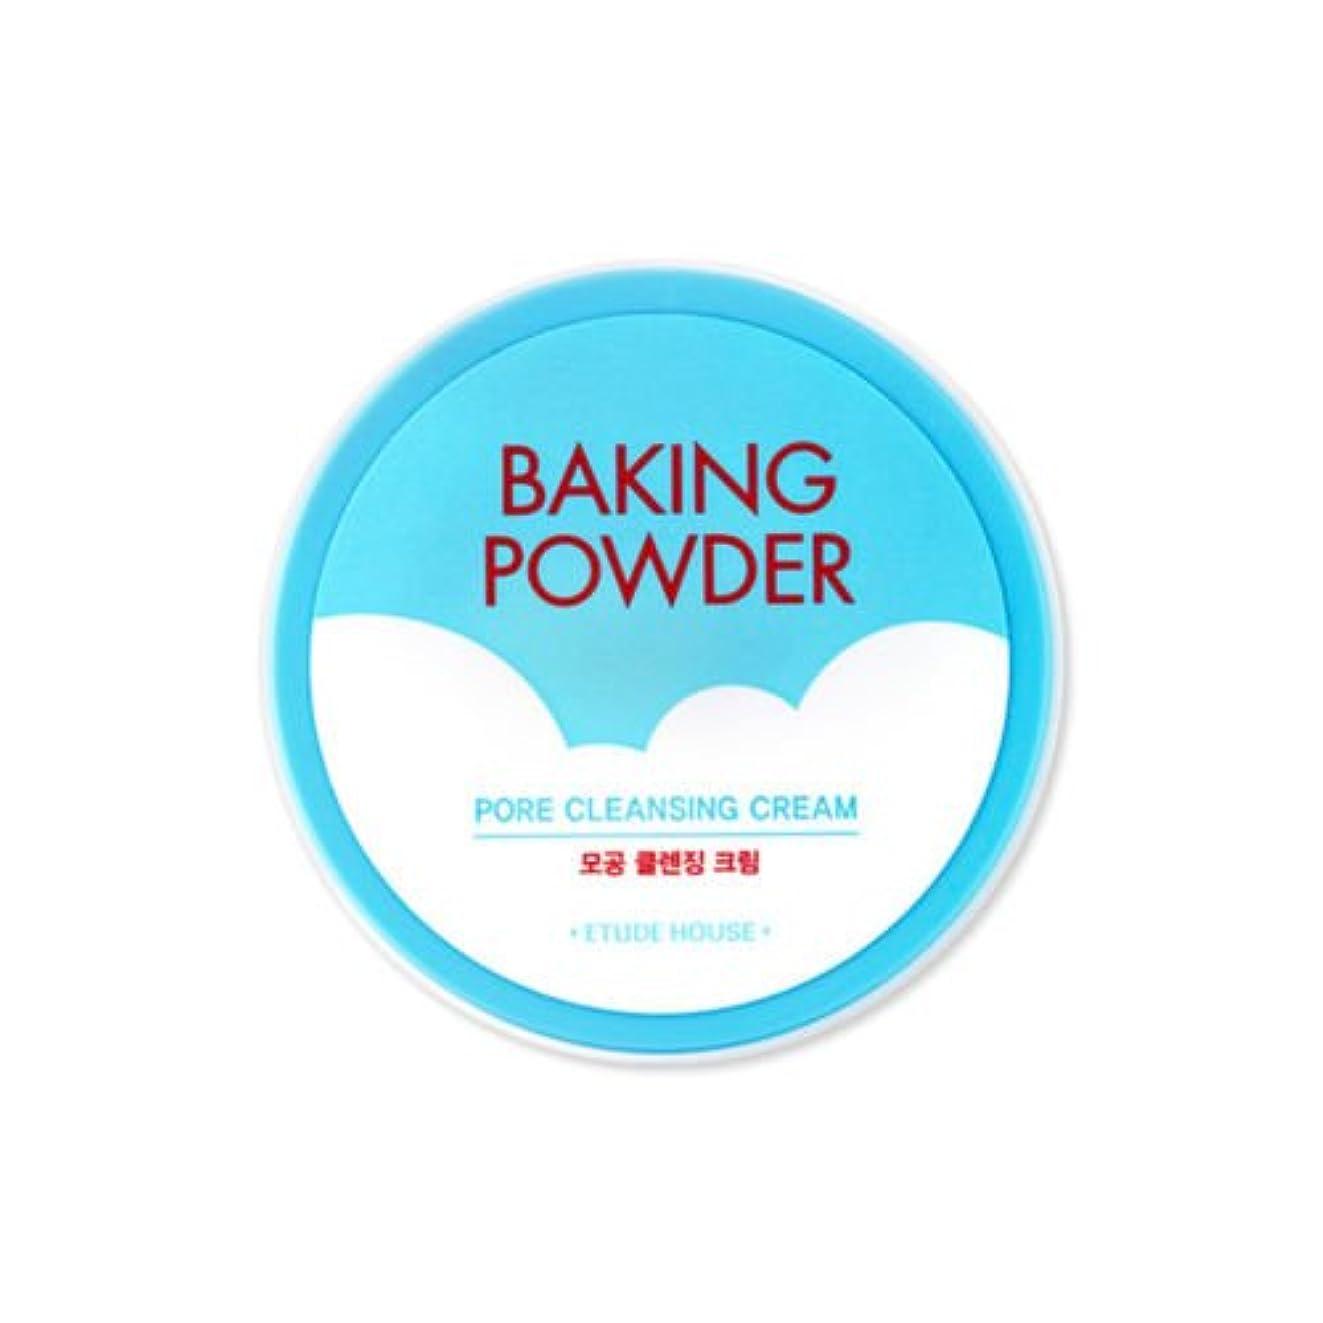 であるノミネート軸[2016 Upgrade!] ETUDE HOUSE Baking Powder Pore Cleansing Cream 180ml/エチュードハウス ベーキング パウダー ポア クレンジング クリーム 180ml